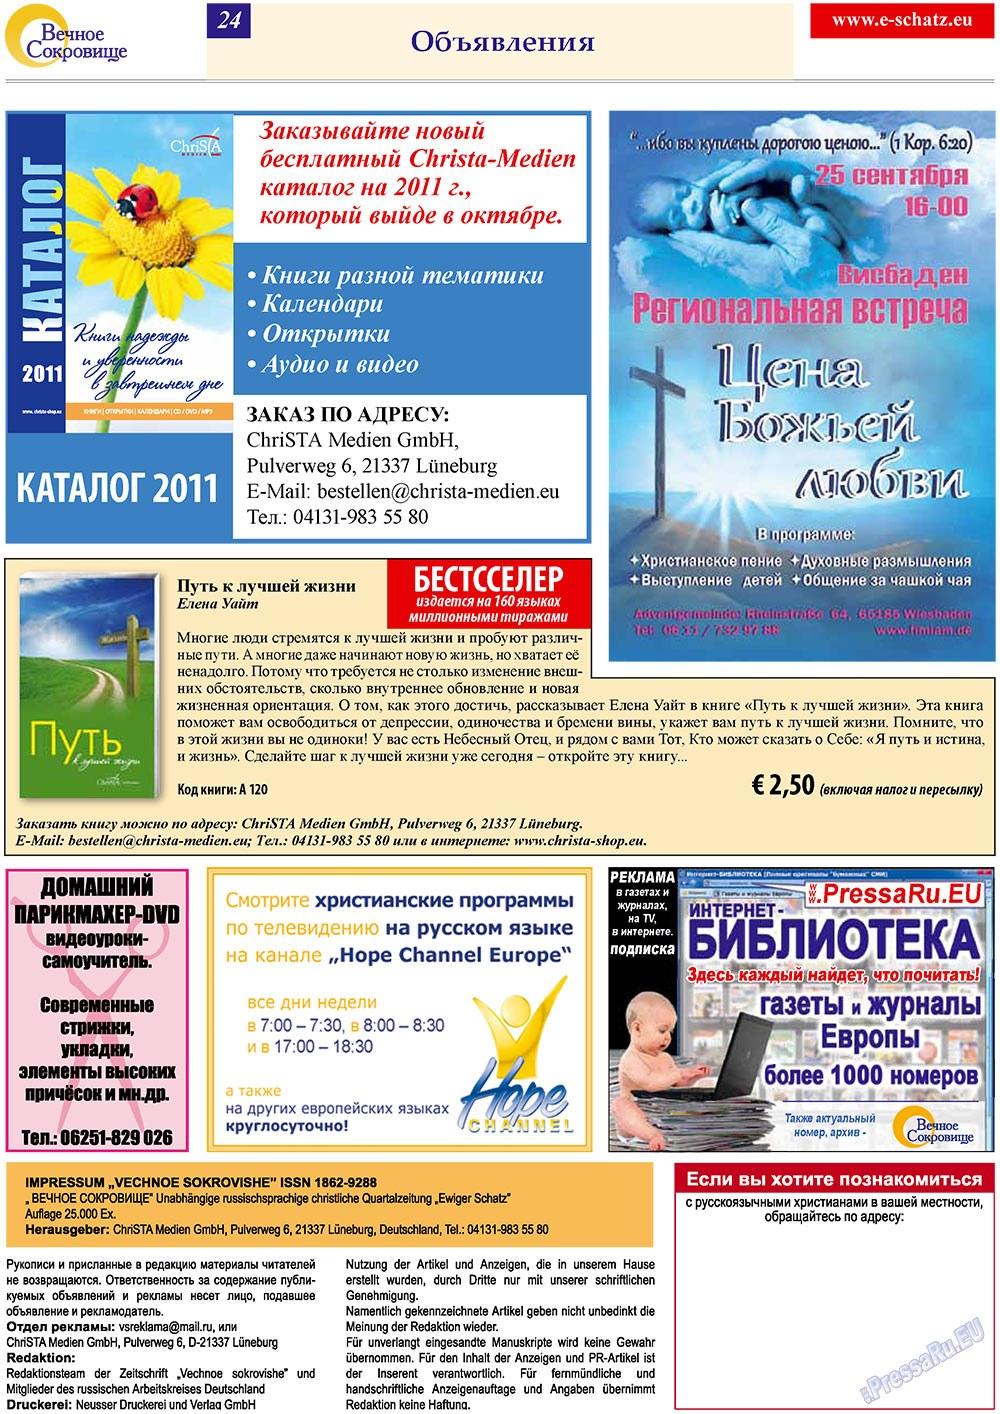 Вечное сокровище (газета). 2010 год, номер 3, стр. 24